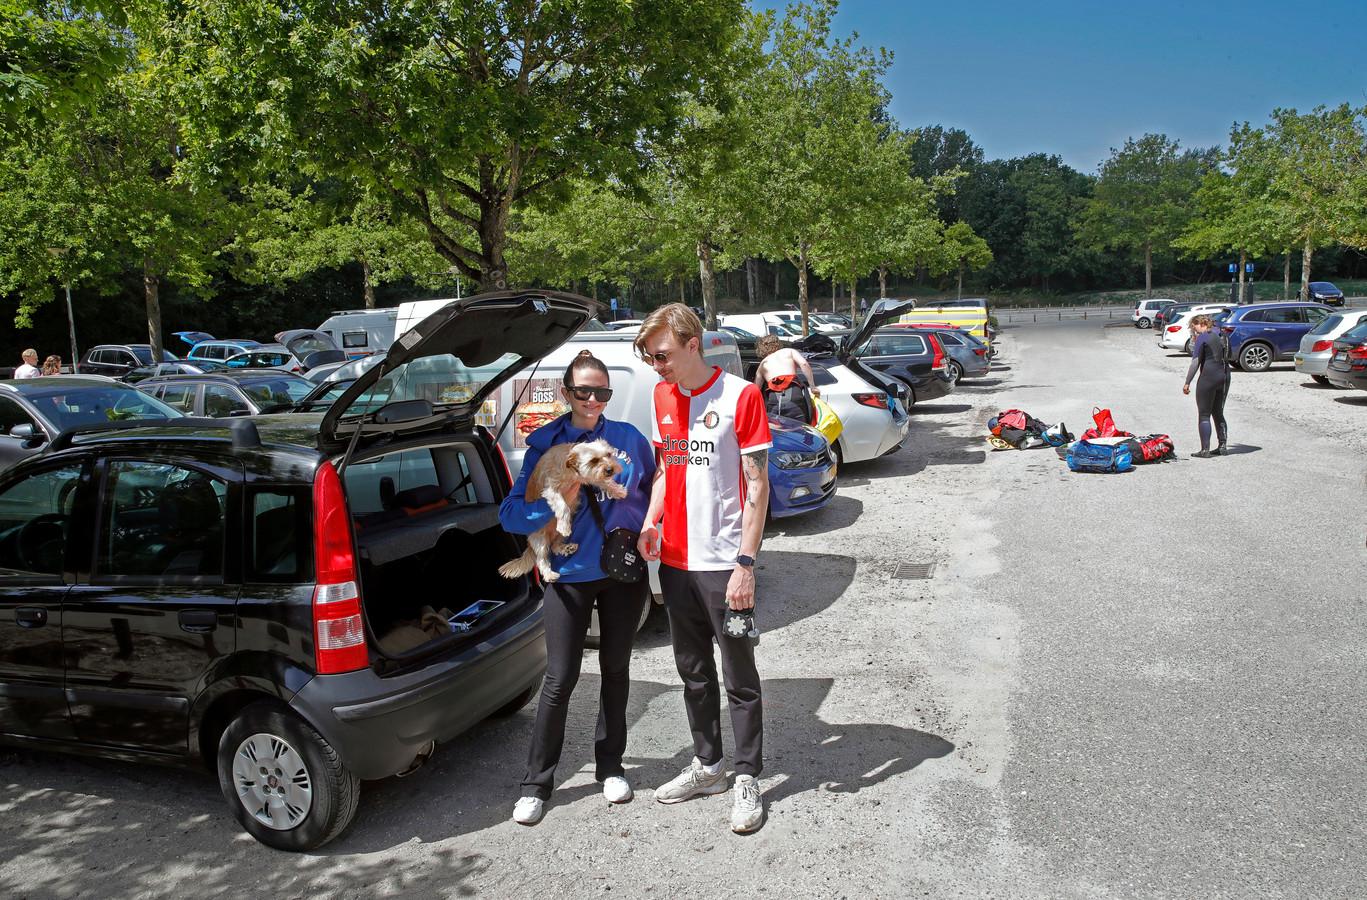 Maddie en Tom met hond Elton op de parkeerplaats aan de Eerste Slag, daarachter verkleden kitesurfers zich.